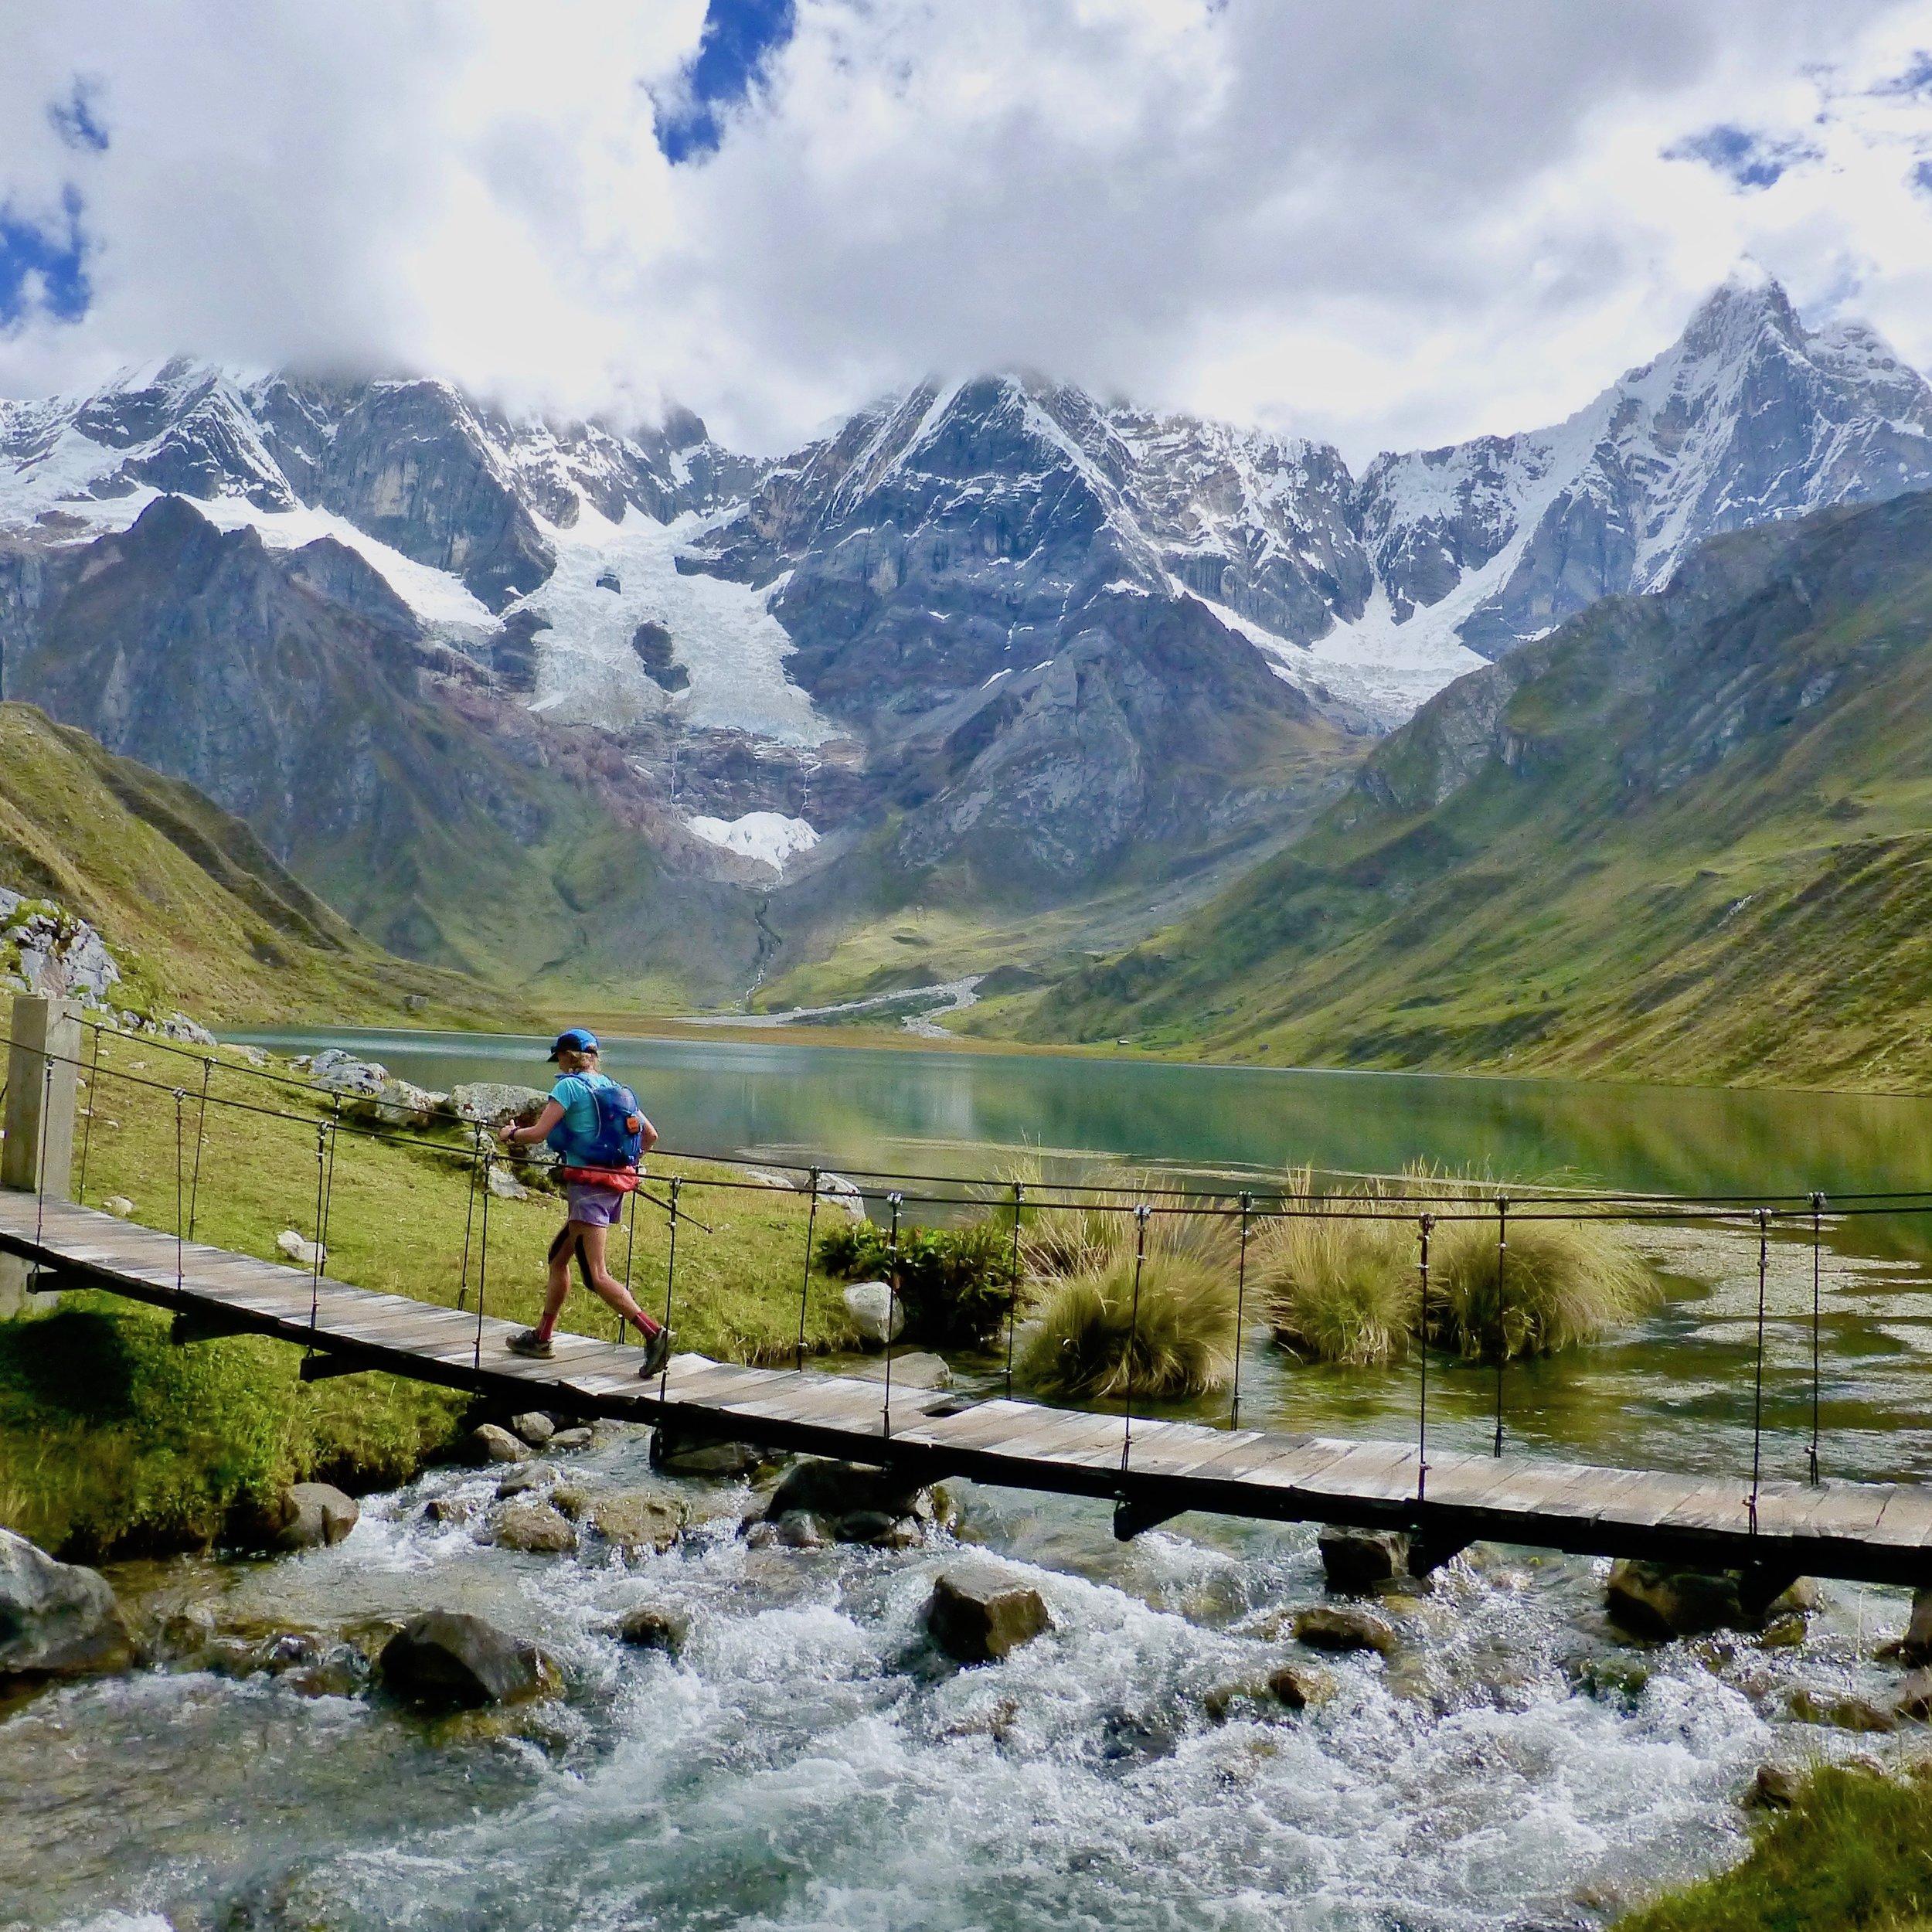 HUAYHUASH CIRCUIT ADVENTURE - 13-Day trail running adventure around the stunning Cordillera Huayhuash • June 3-15, 2019